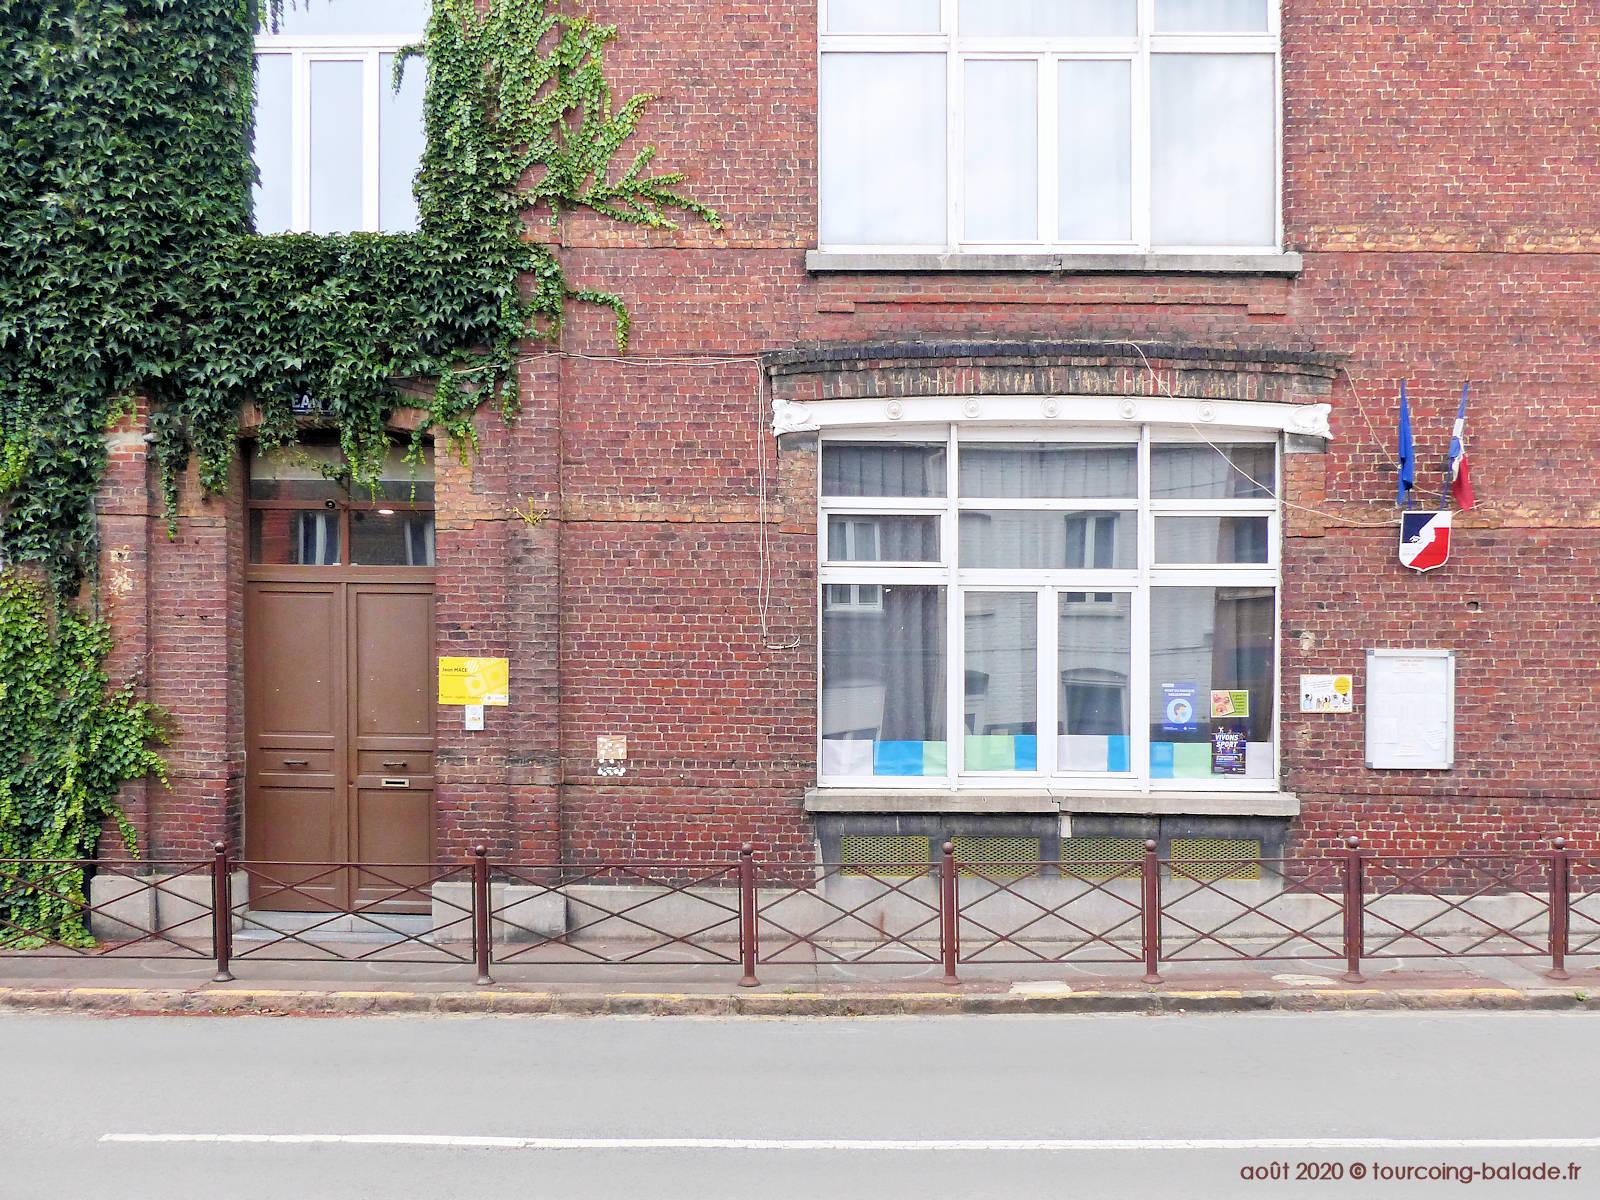 École Élémentaire Publique Jean Macé, Tourcoing 2020